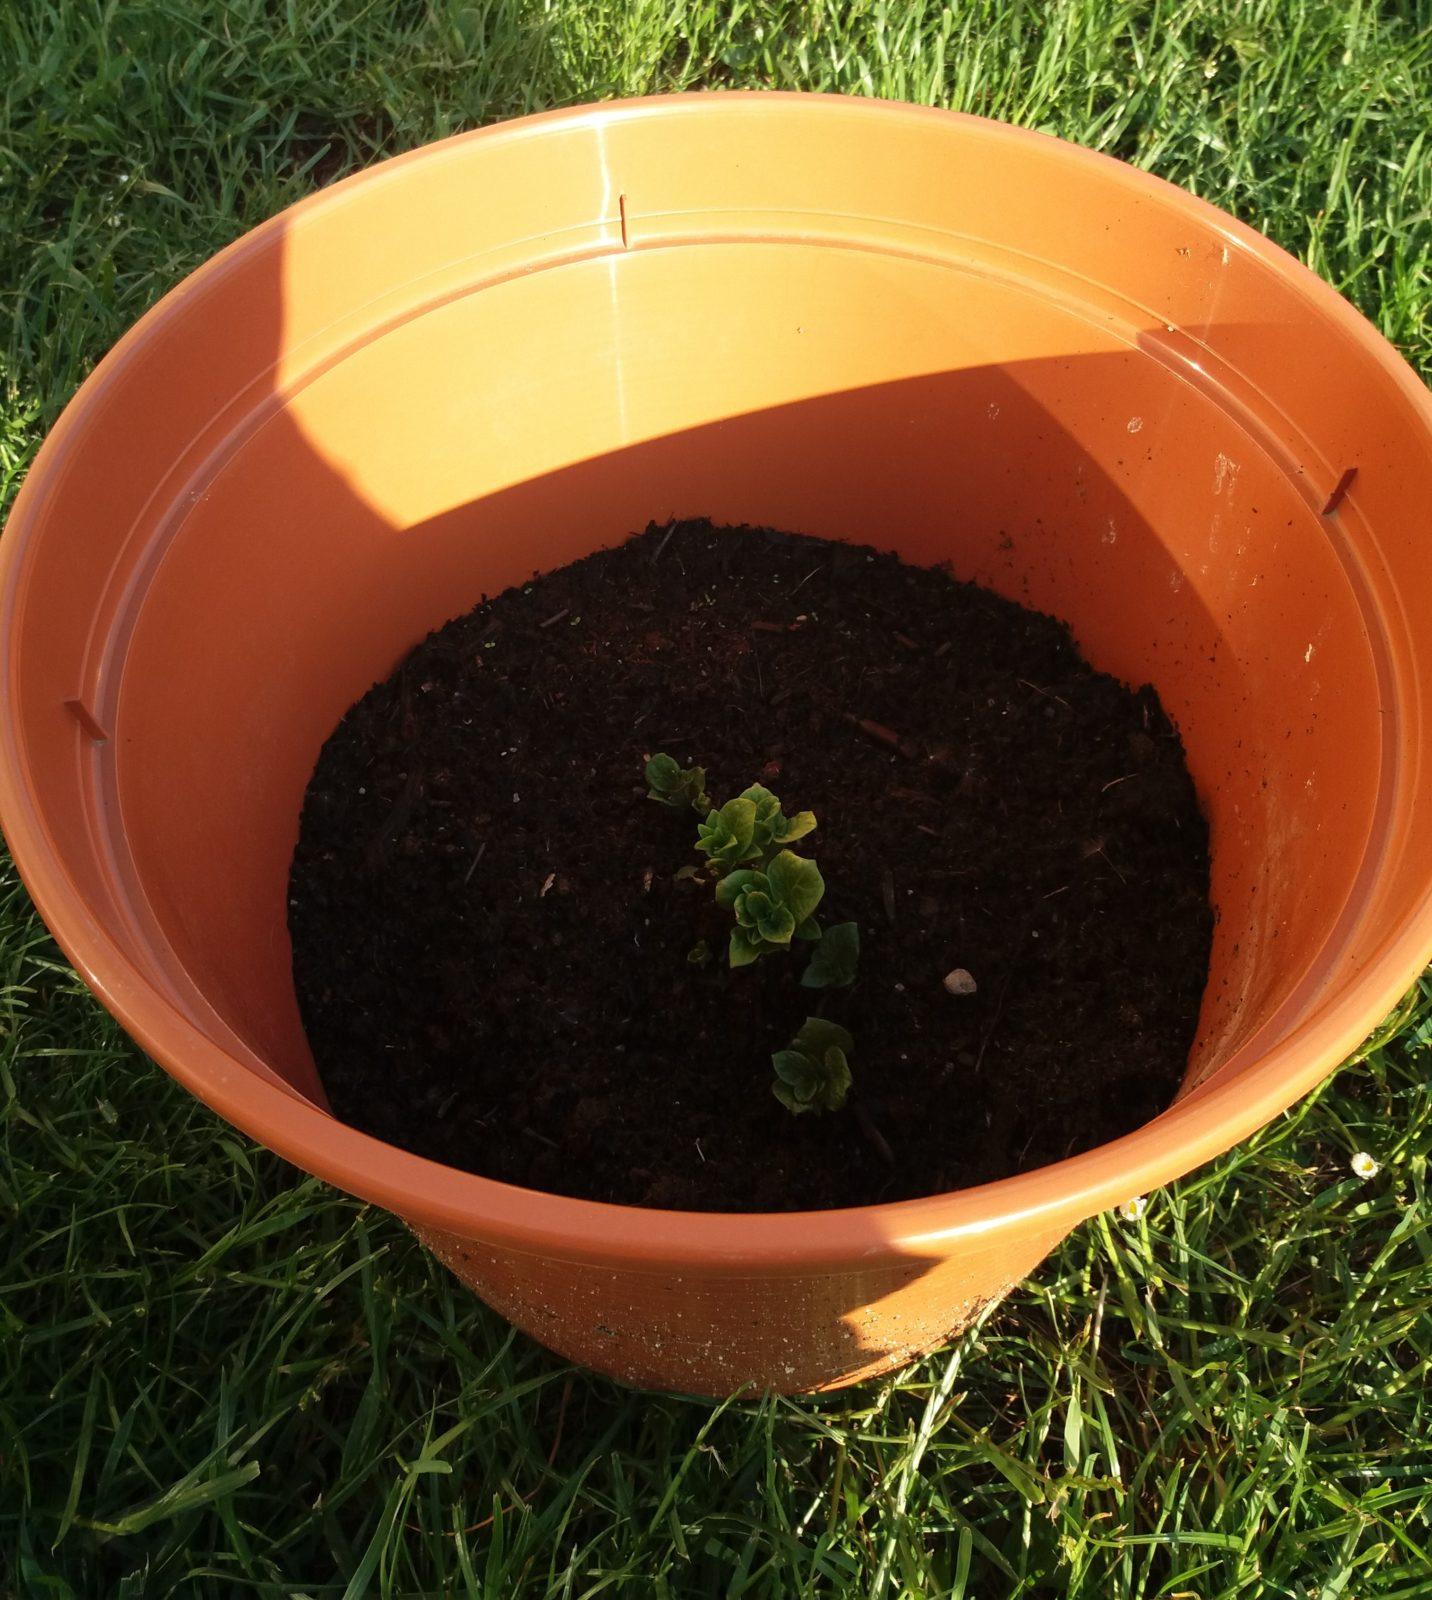 květináč - Brambory se dají pěstovat i v miniaturních podmínkách. Jak pěstovat brambory v květináči